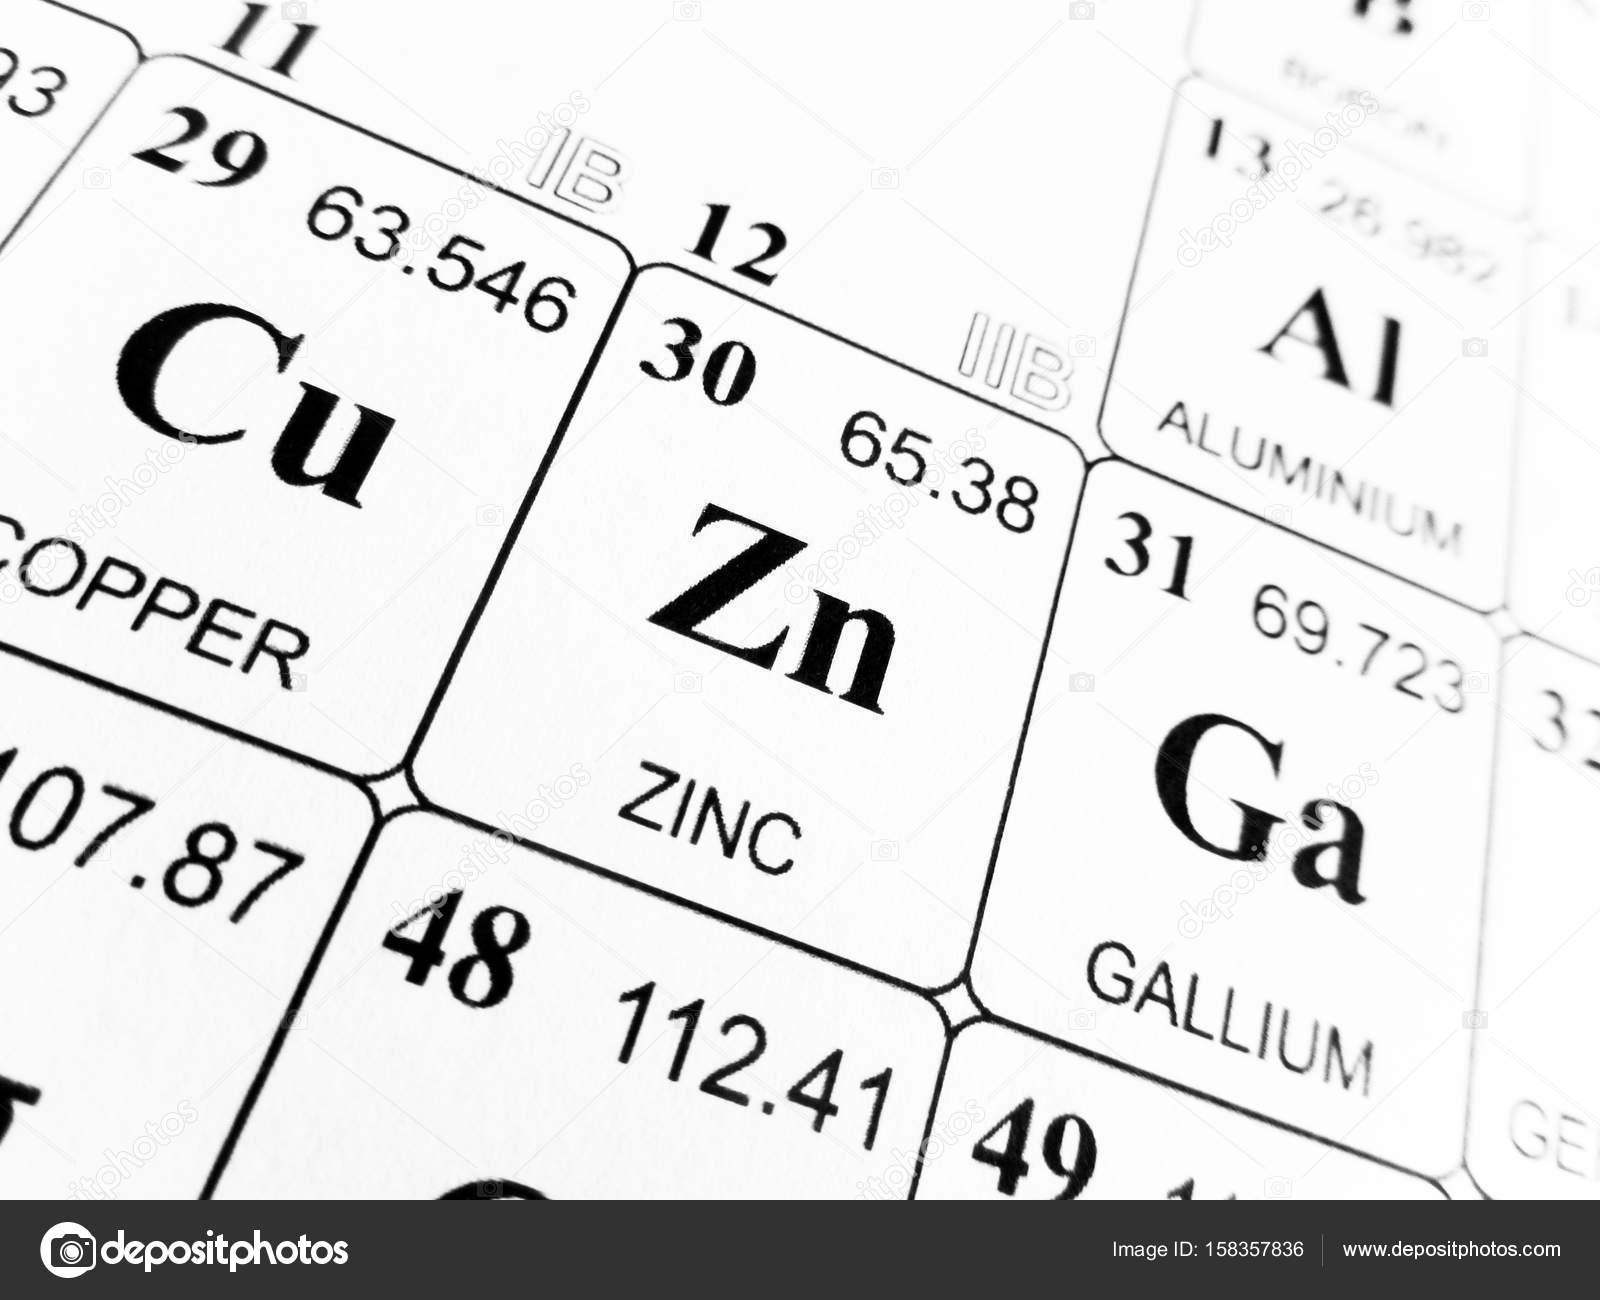 De zinc en la tabla peridica de los elementos fotos de stock de zinc en la tabla peridica de los elementos foto de tonellophotography urtaz Images